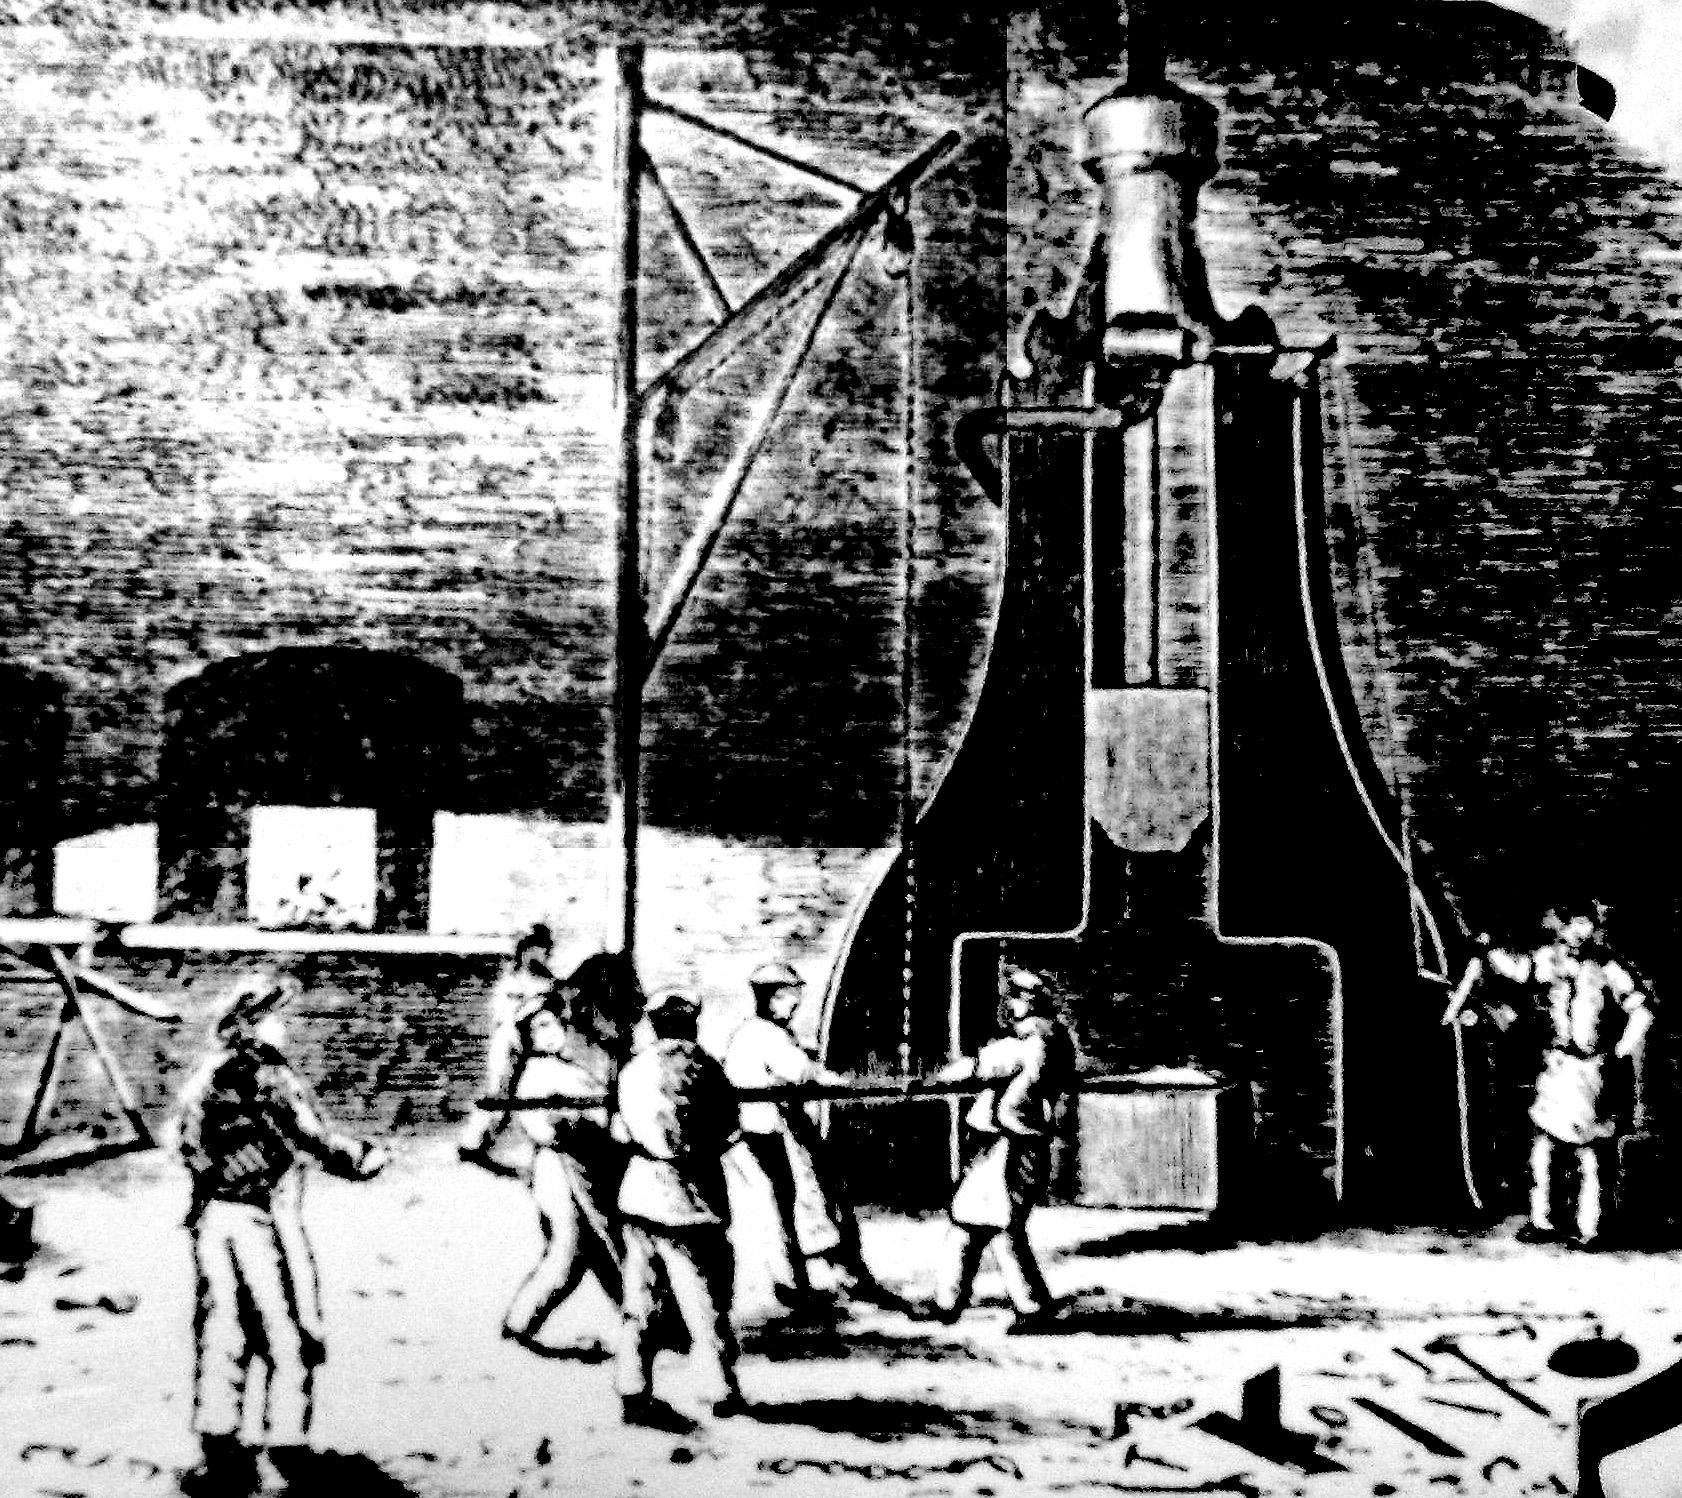 Illustration en noir et blanc montrant quatre forgerons en train d'attiser les flammes d'un marteau-pilon à vapeur, tandis que trois autres ouvriers les observent. On peut voir les ouvriers à l'avant-plan et l'atelier industriel à l'arrière-plan.